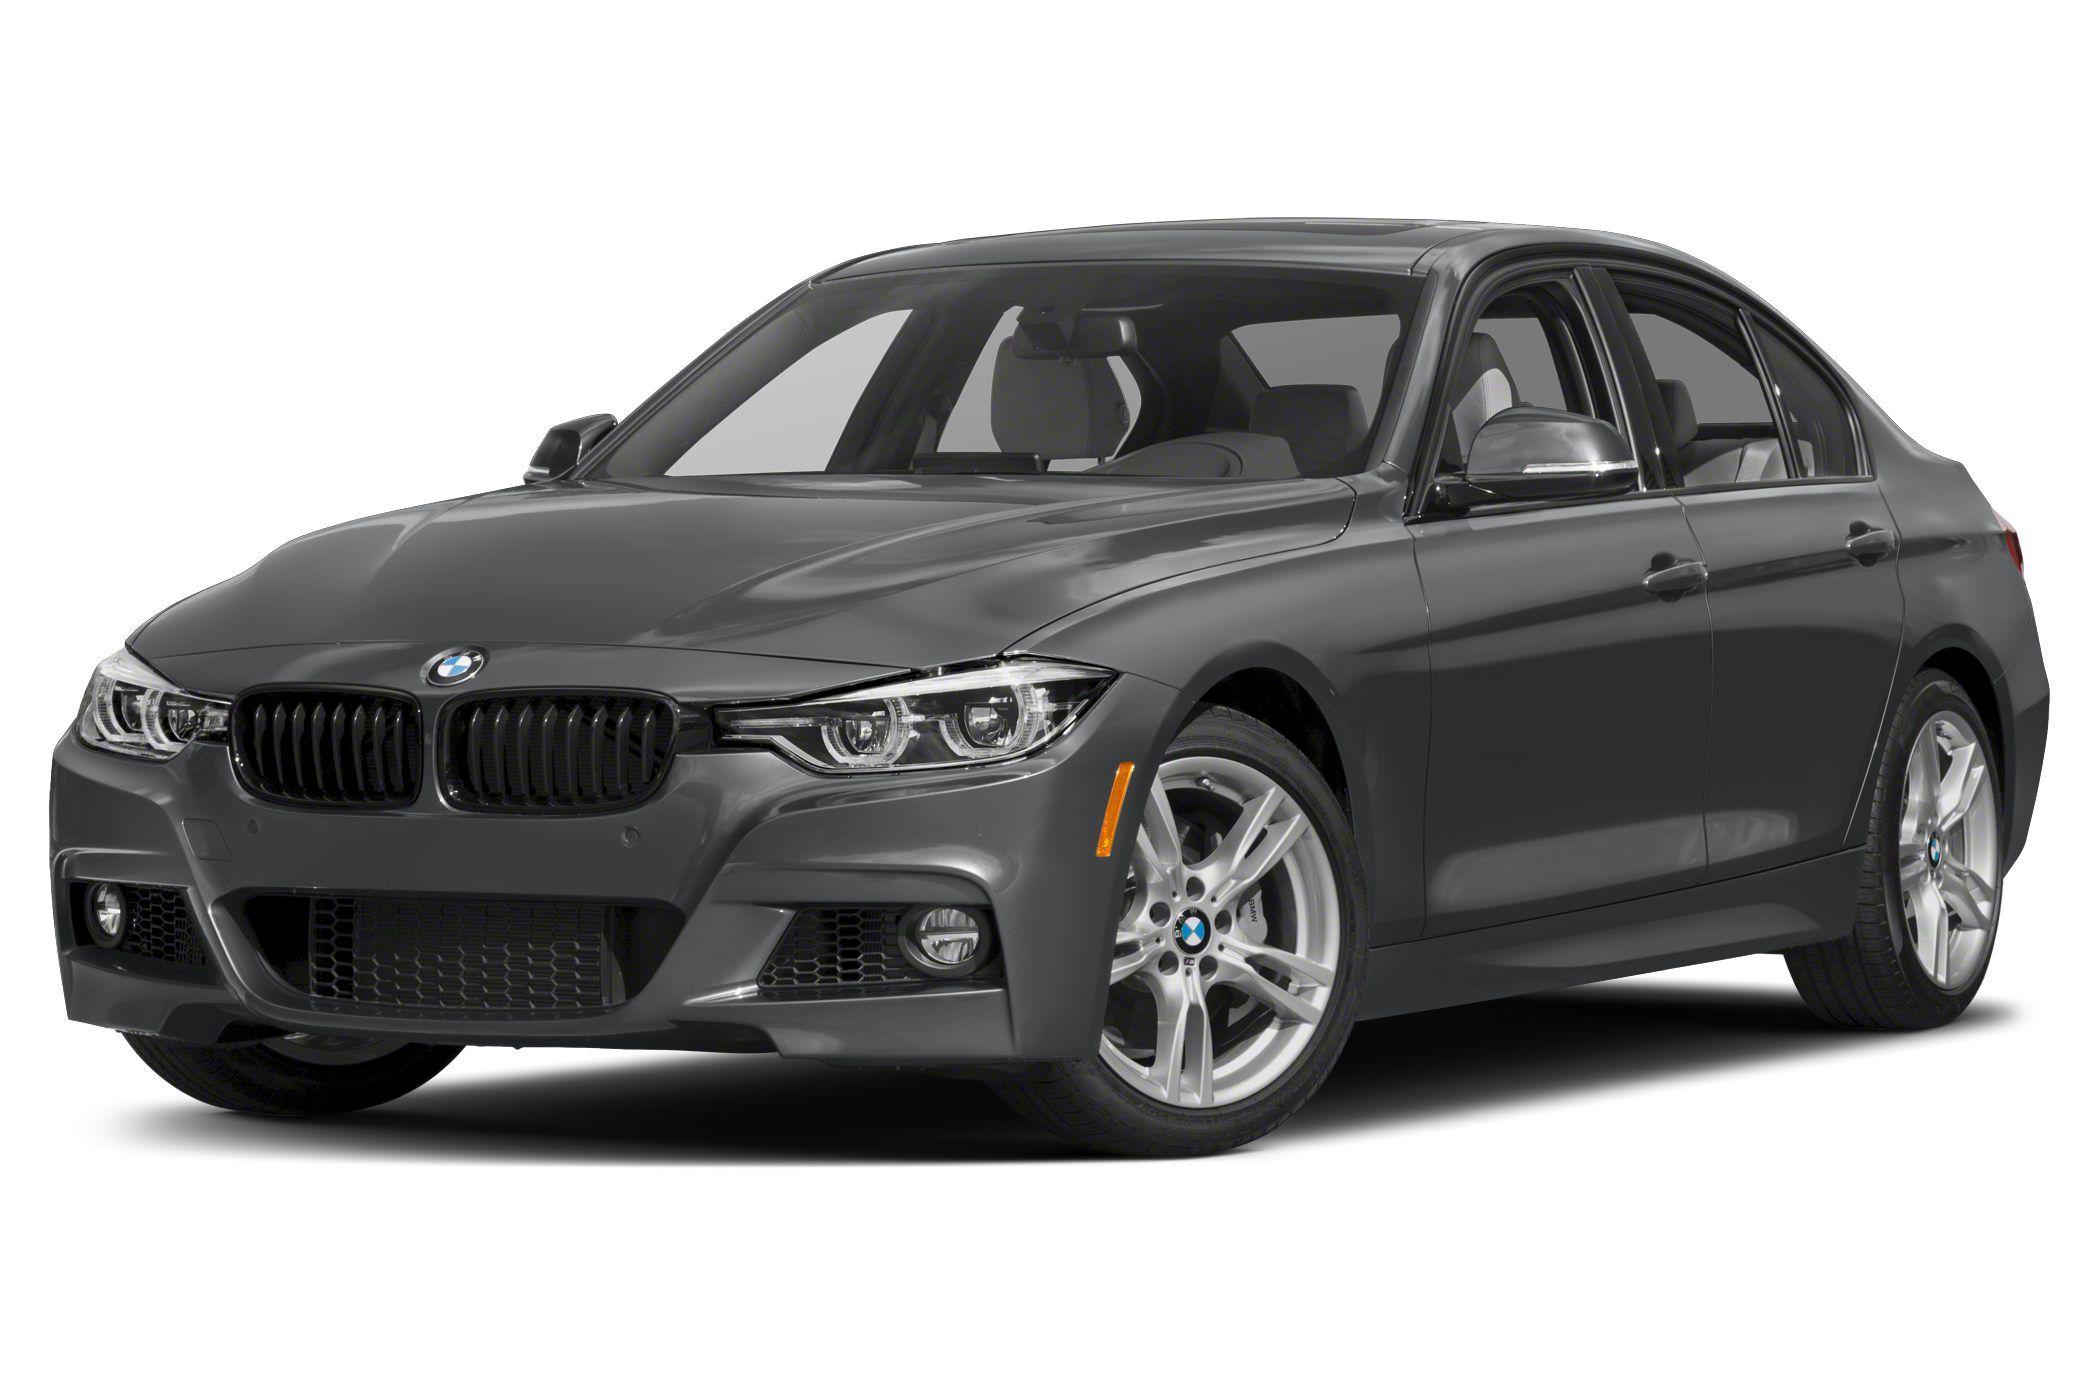 2018 BMW 340i Bmw, Sedan, Rear wheel drive